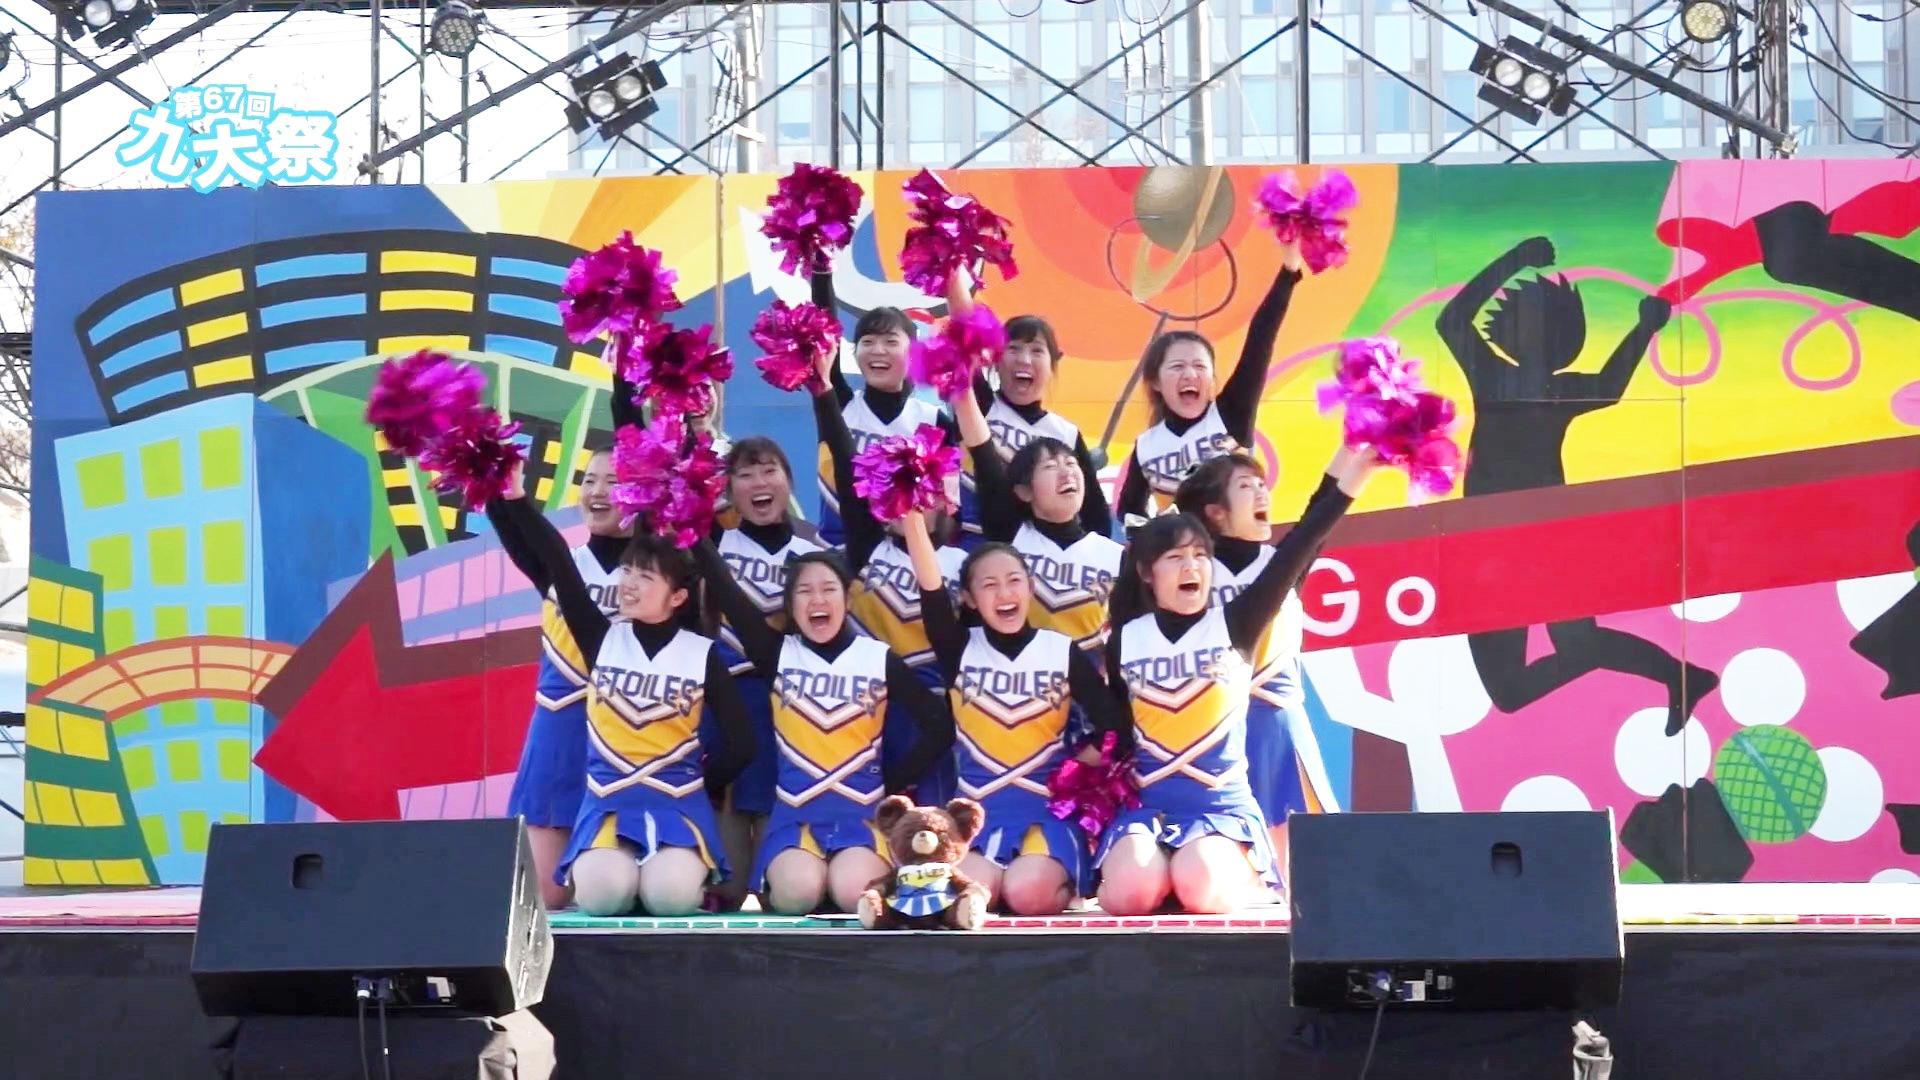 第67回 九州大学学祭.mov_000037405